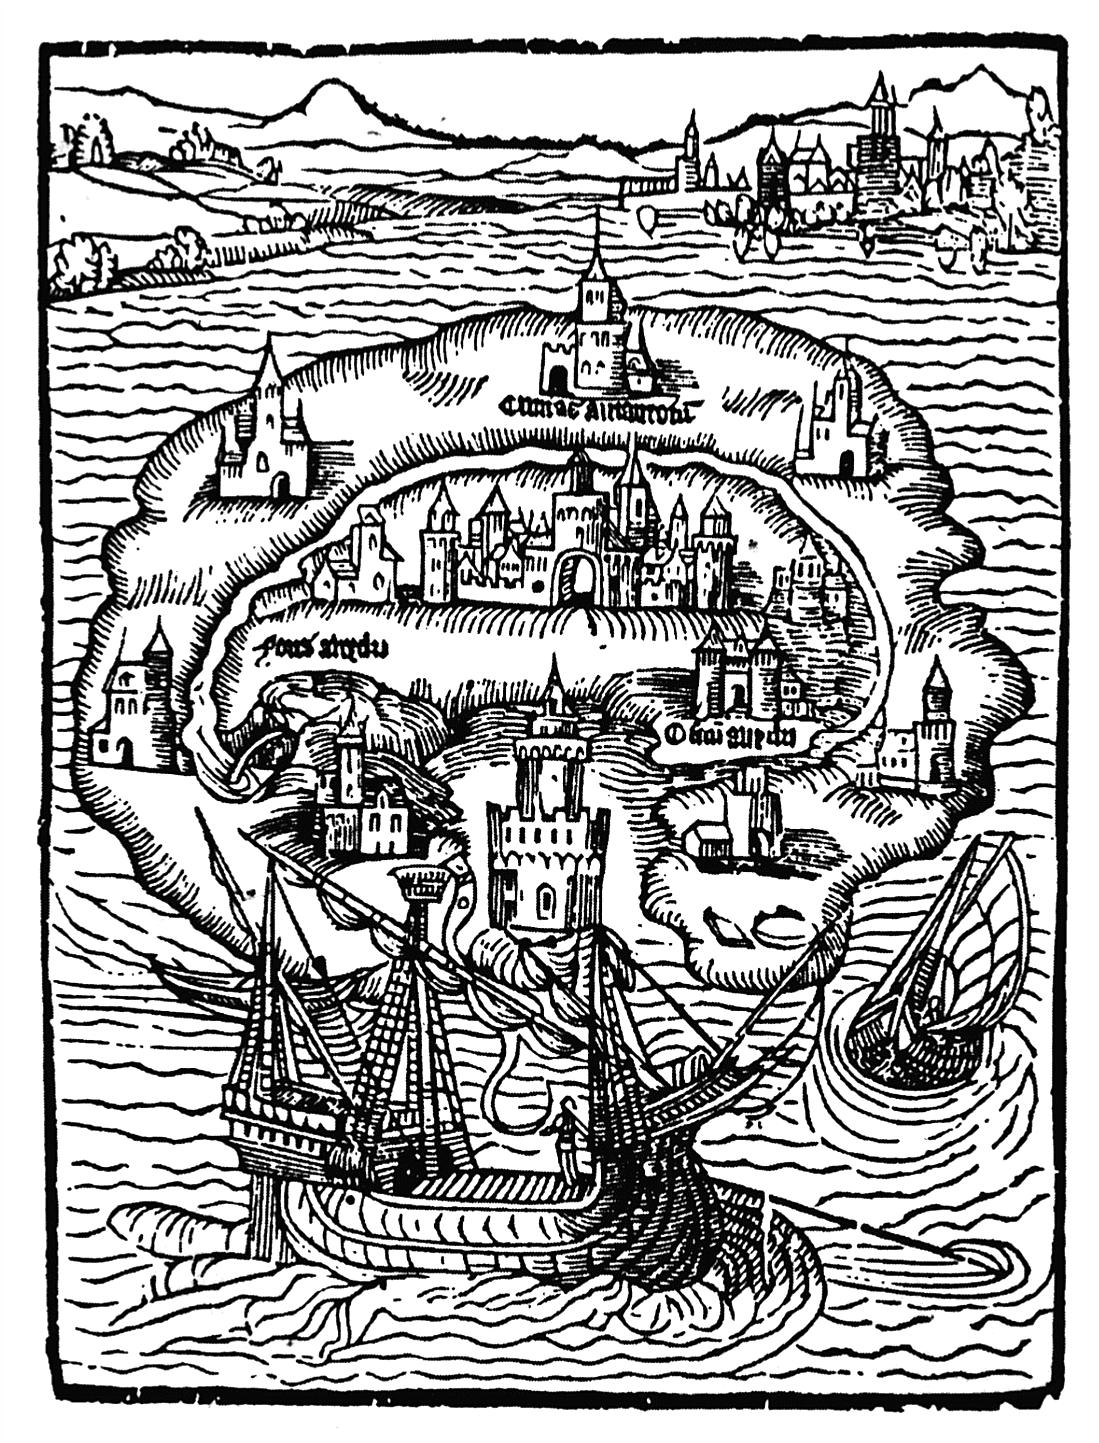 """Titelholzschnitt zu dem Roman """"Utopia"""" von Thomas Morus, 1516 – die Schilderung einer idealen, fernen (aber nicht als zukünftig vorgestellten) Gesellschaft (gemeinfrei, via Wikimedia Commons)"""